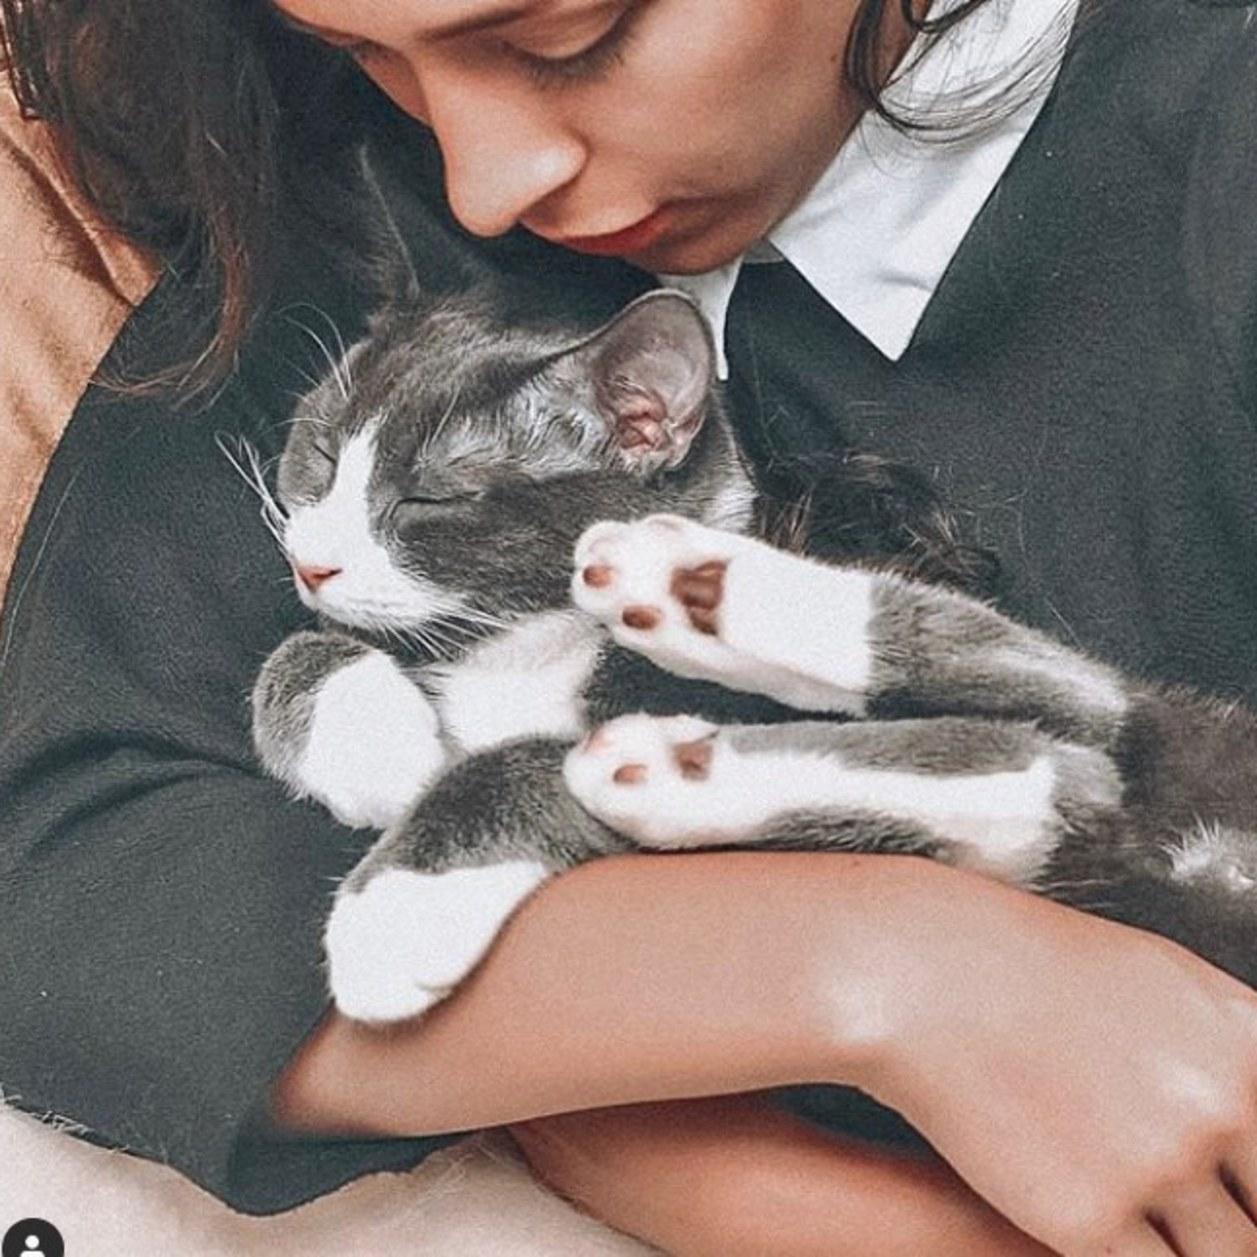 Une influenceuse raconte comment son chat lui a permis de gagner de l'argent sur Instagram